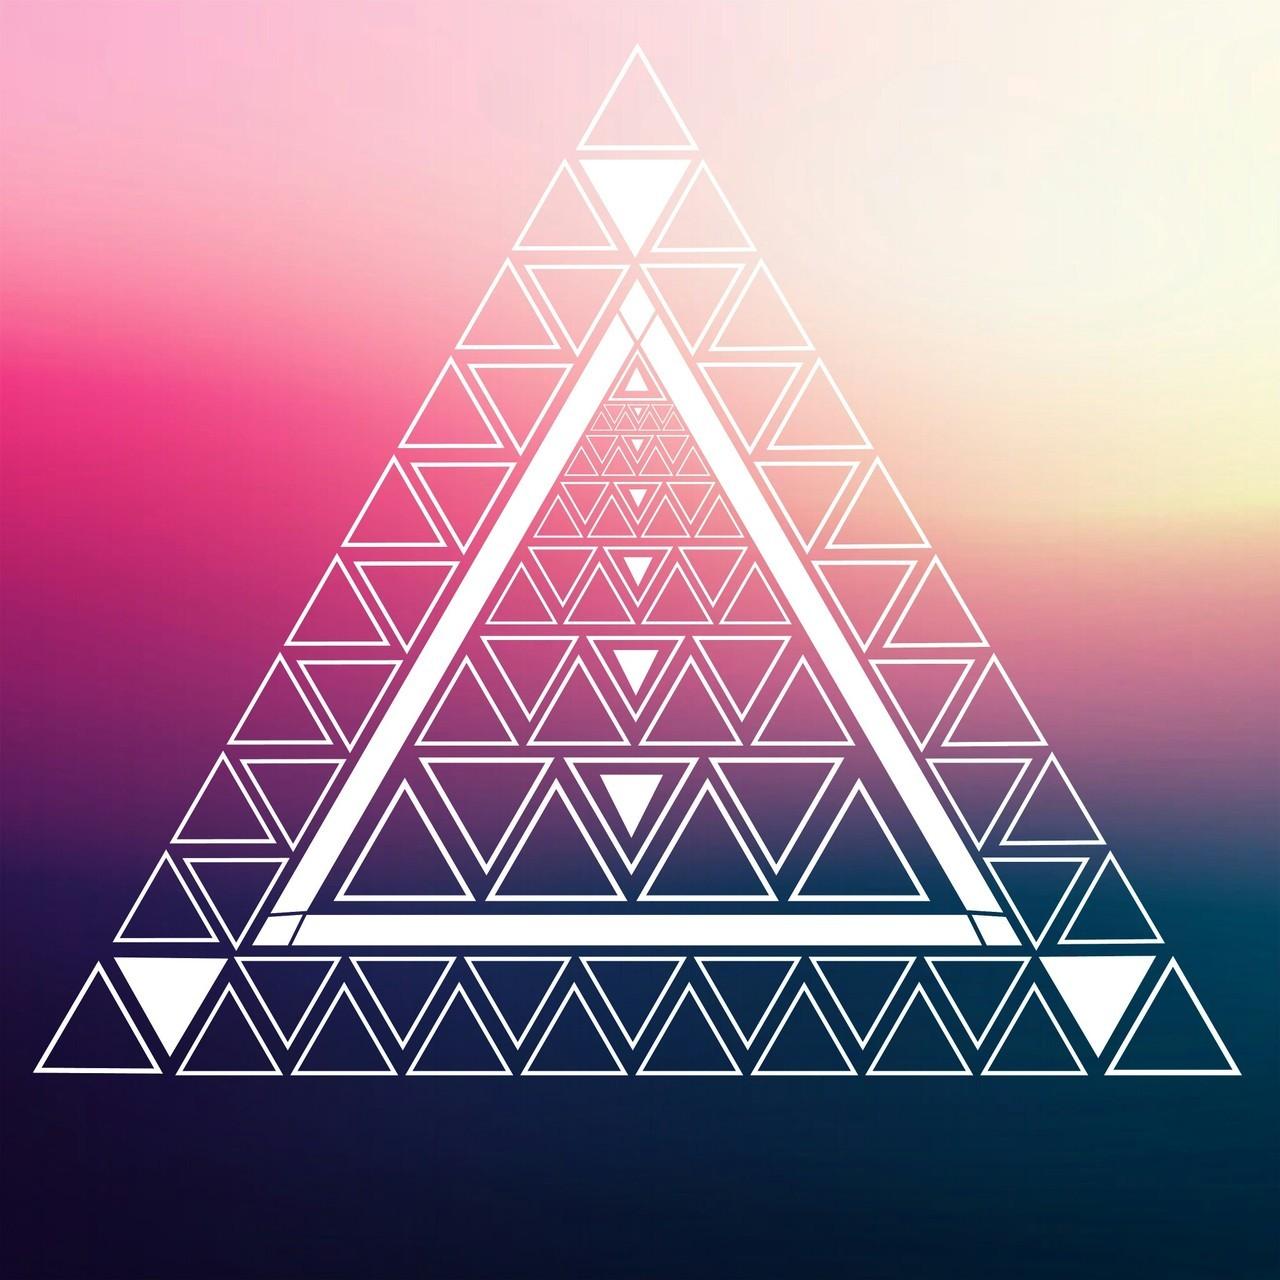 пожелания красивые картинки в треугольниках чертой является черный